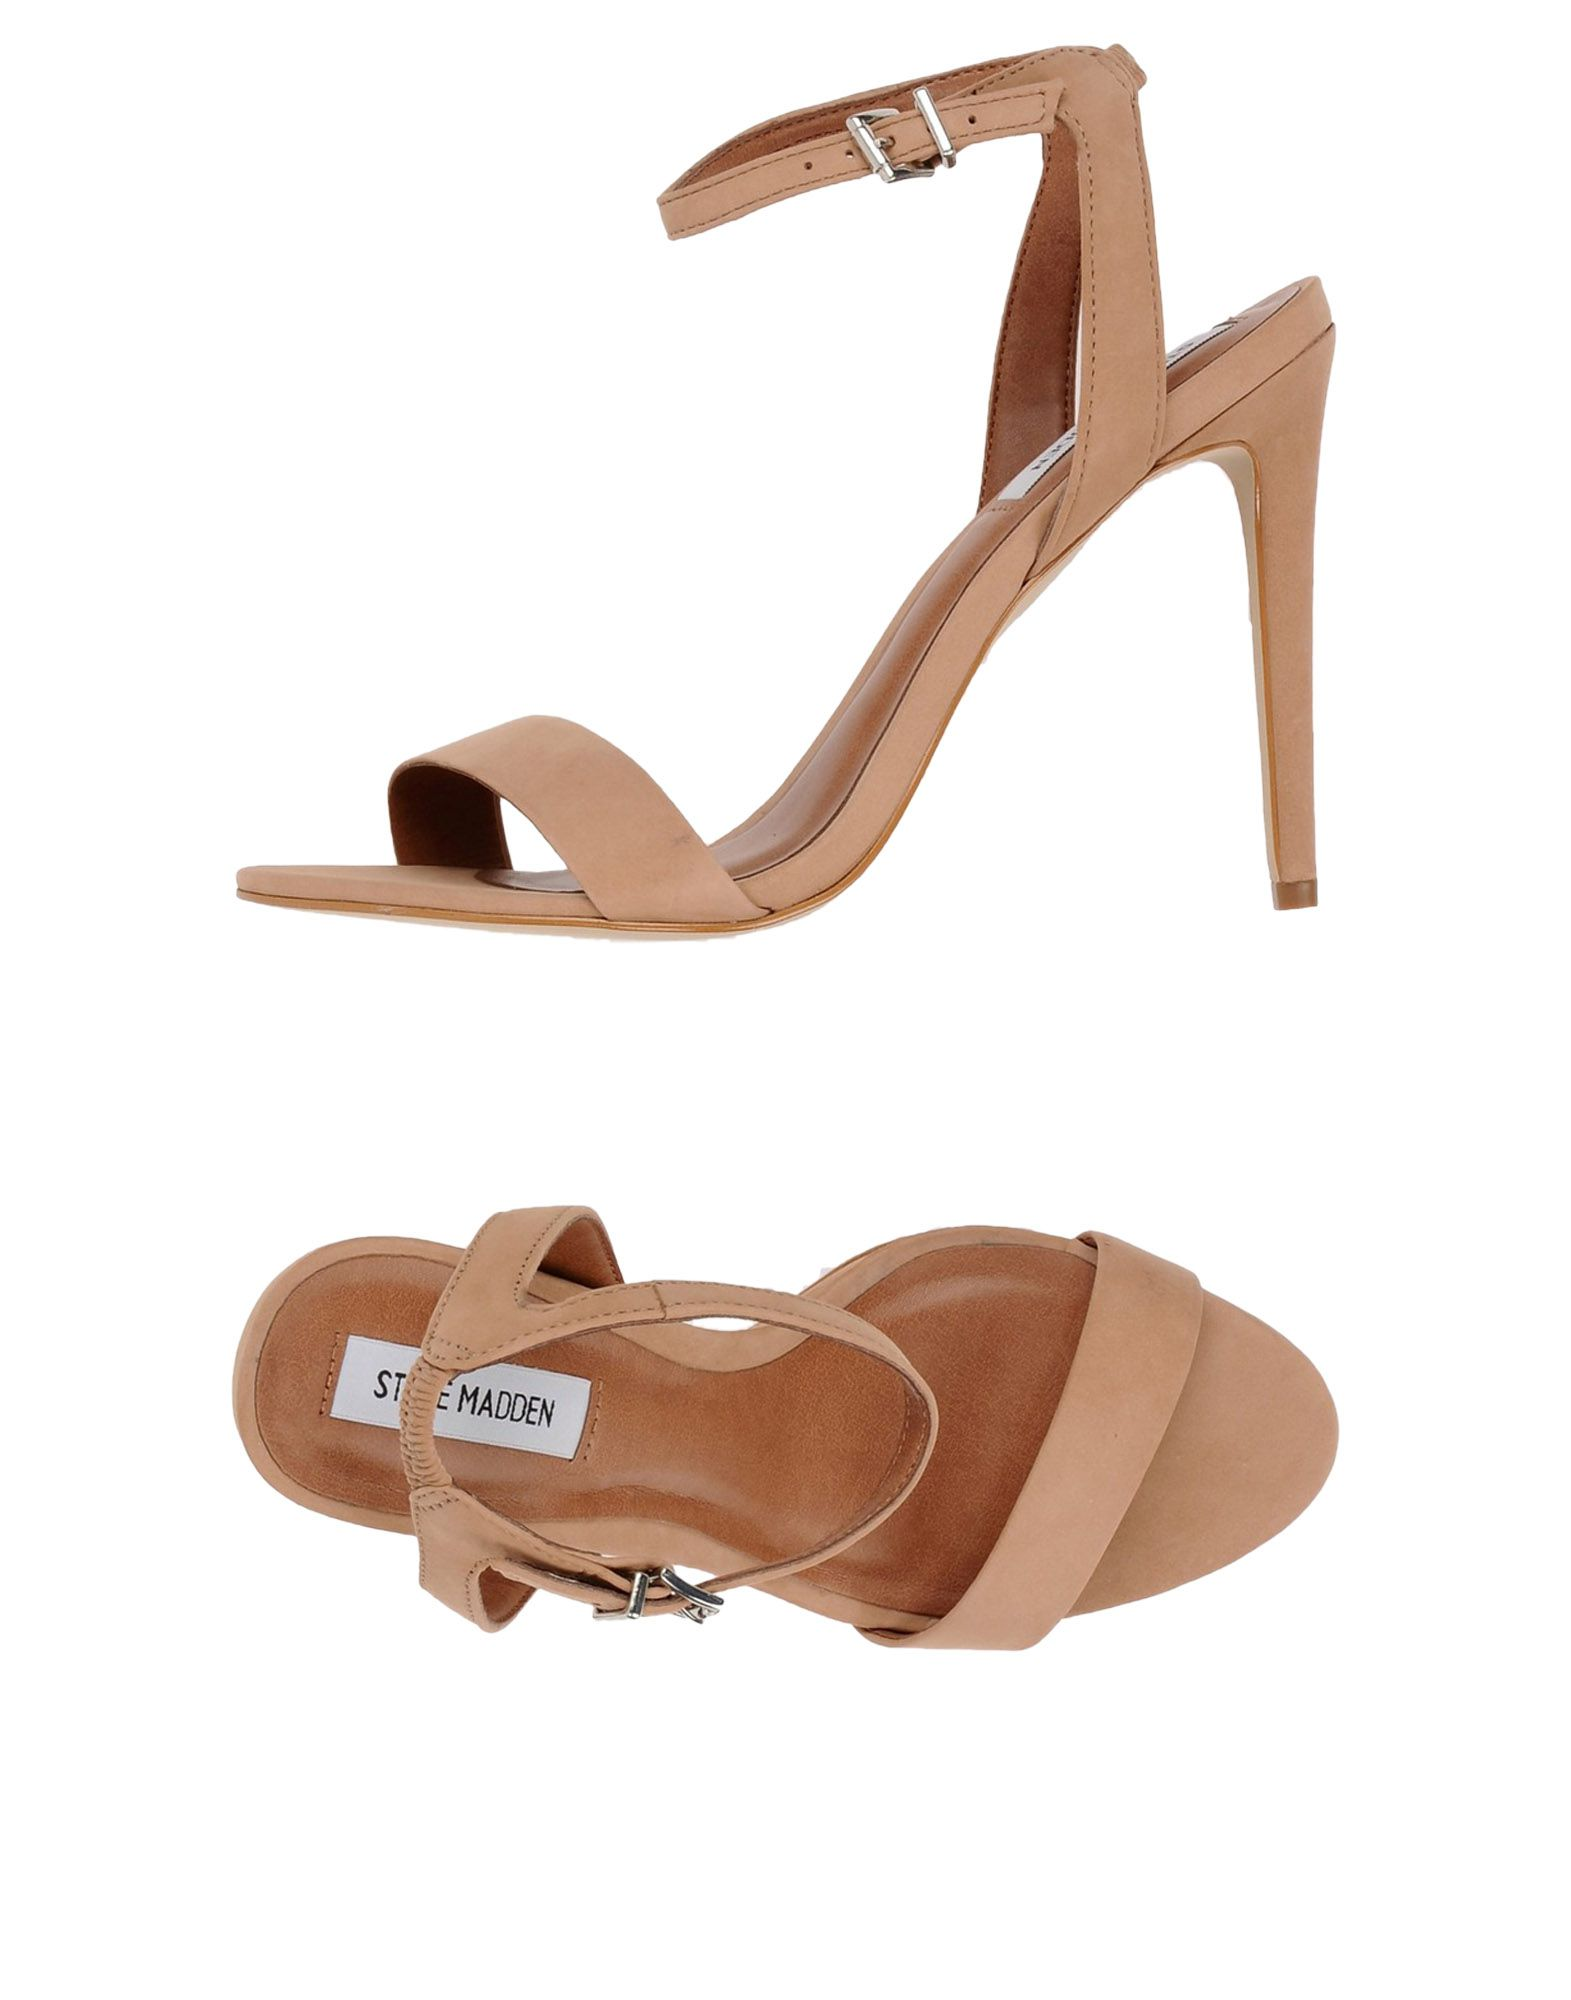 Sandali Steve Madden Landen High Heel Sandal - Donna - 11438517BK